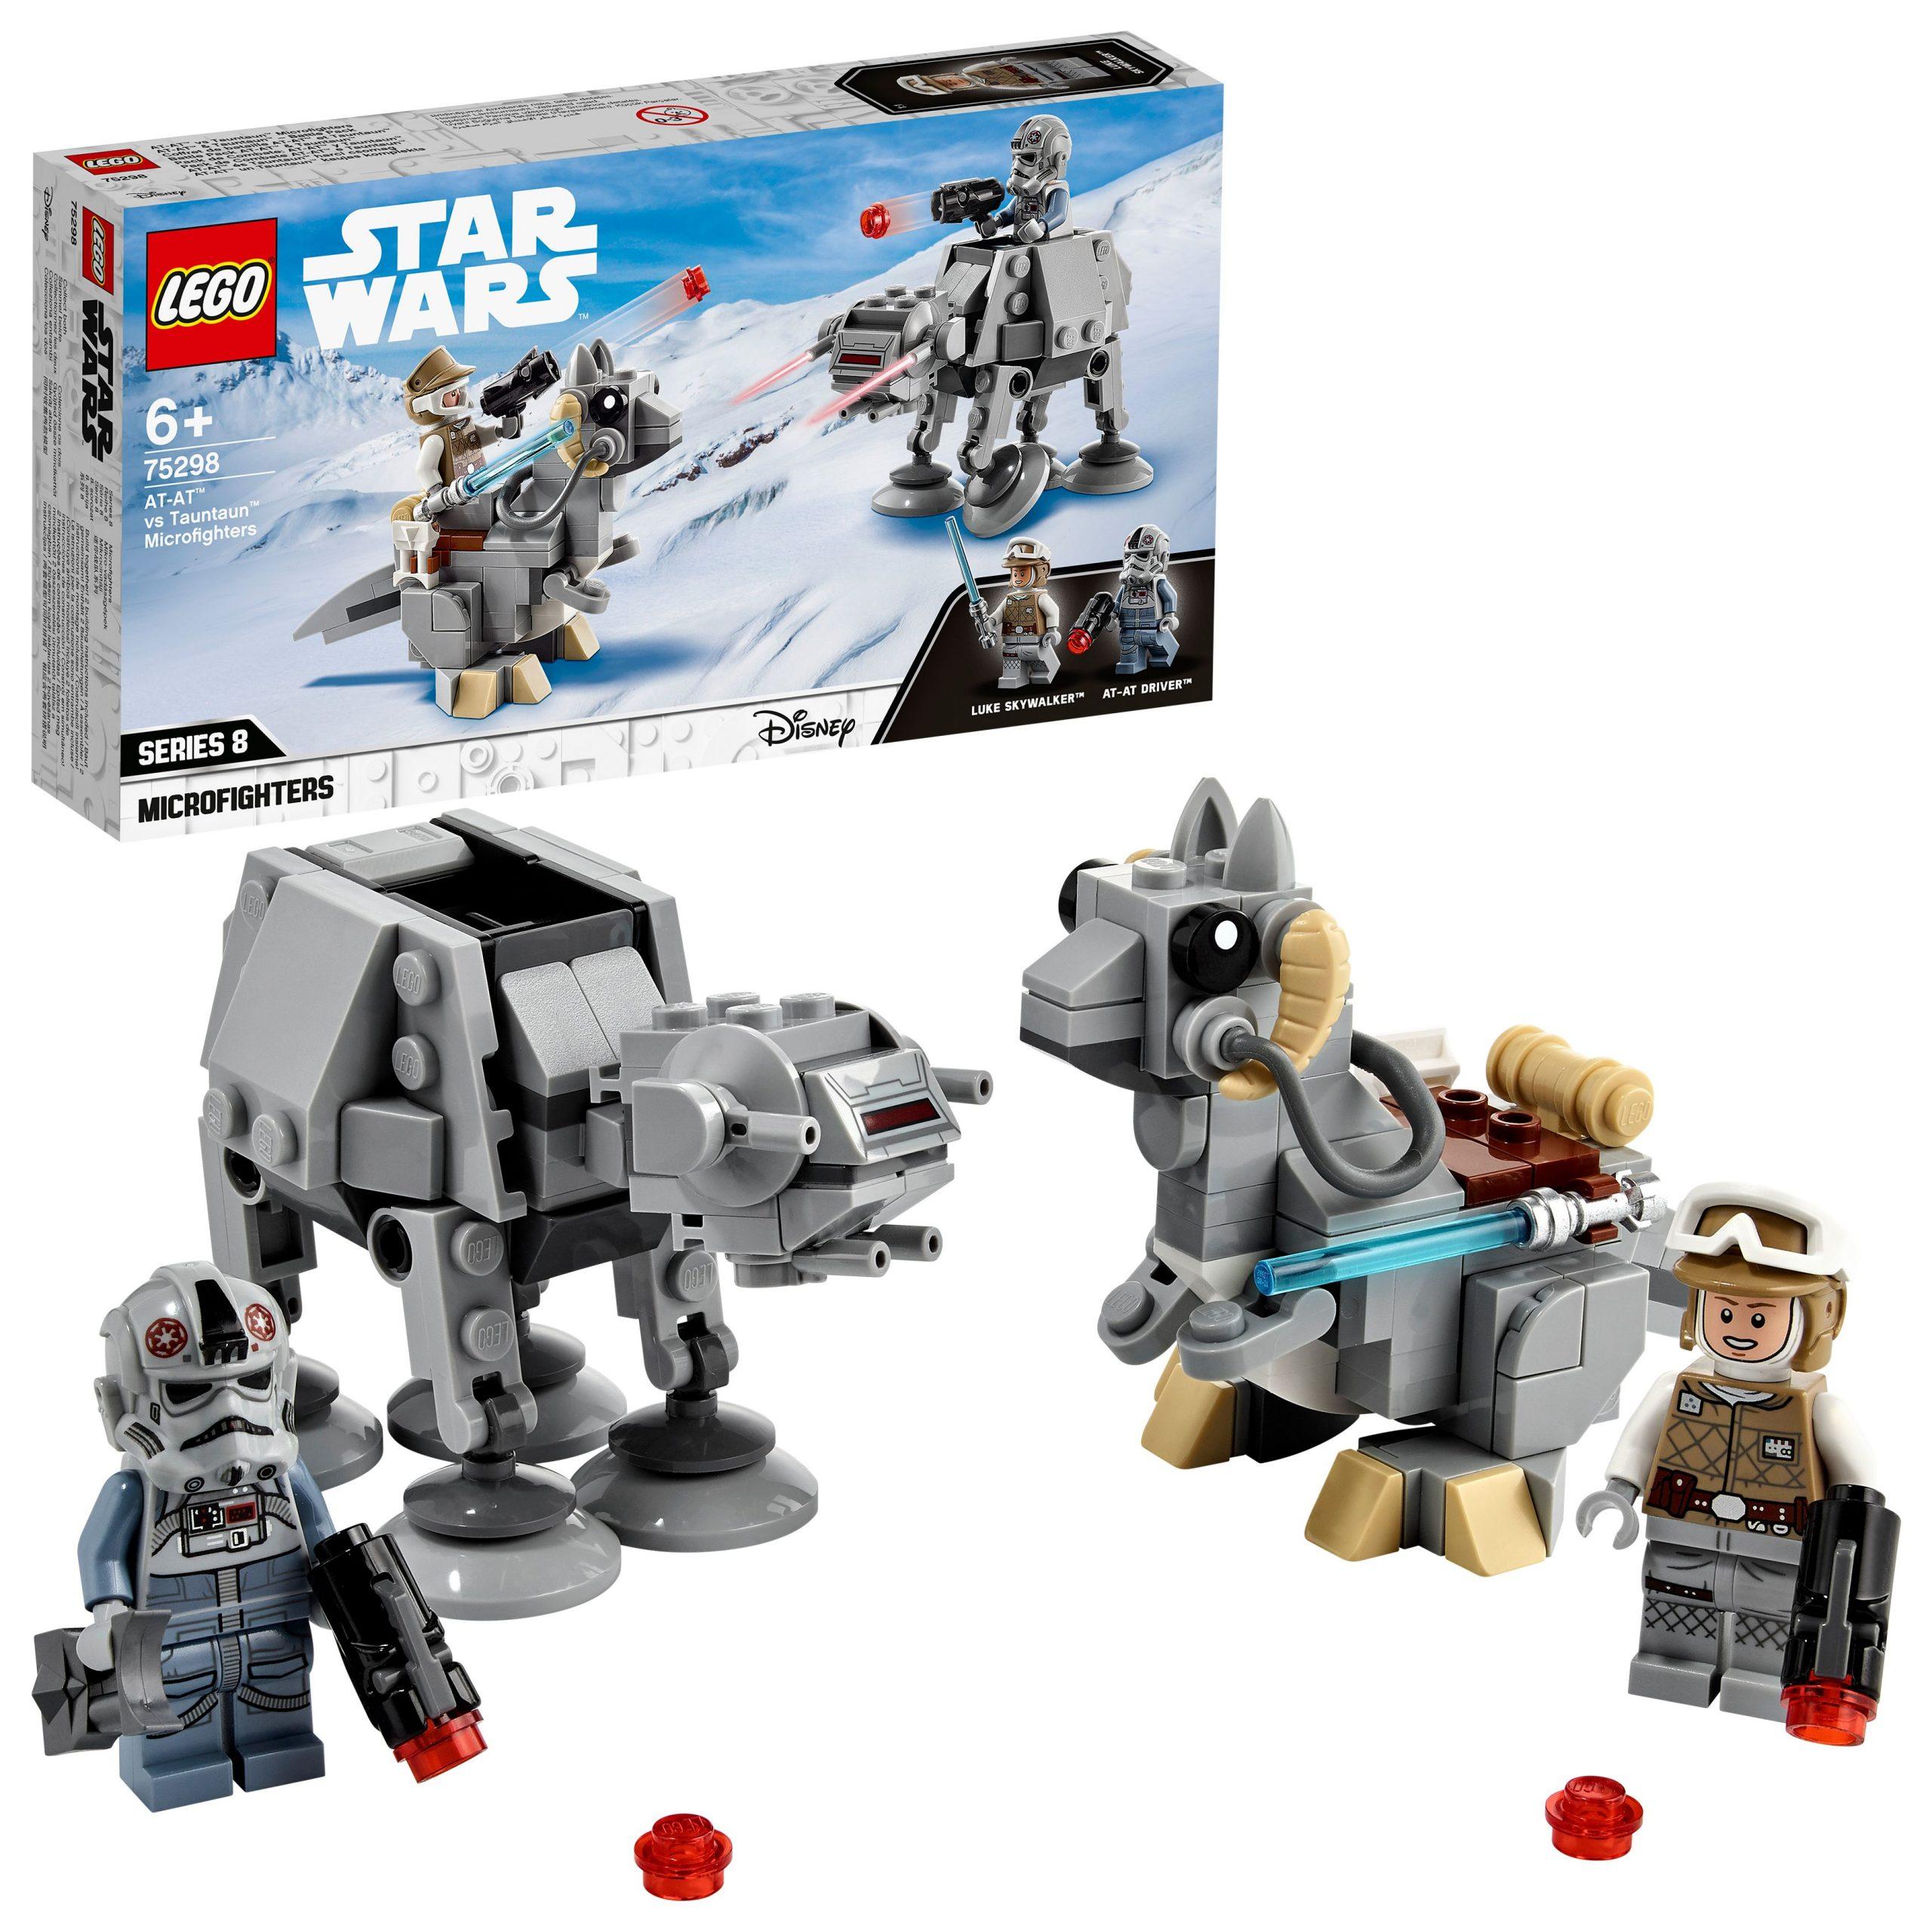 Lego star wars microfighter at-at vs tauntaun, set di costruzioni con minifigure di luke skywalker e del pilota, 75298 - Lego